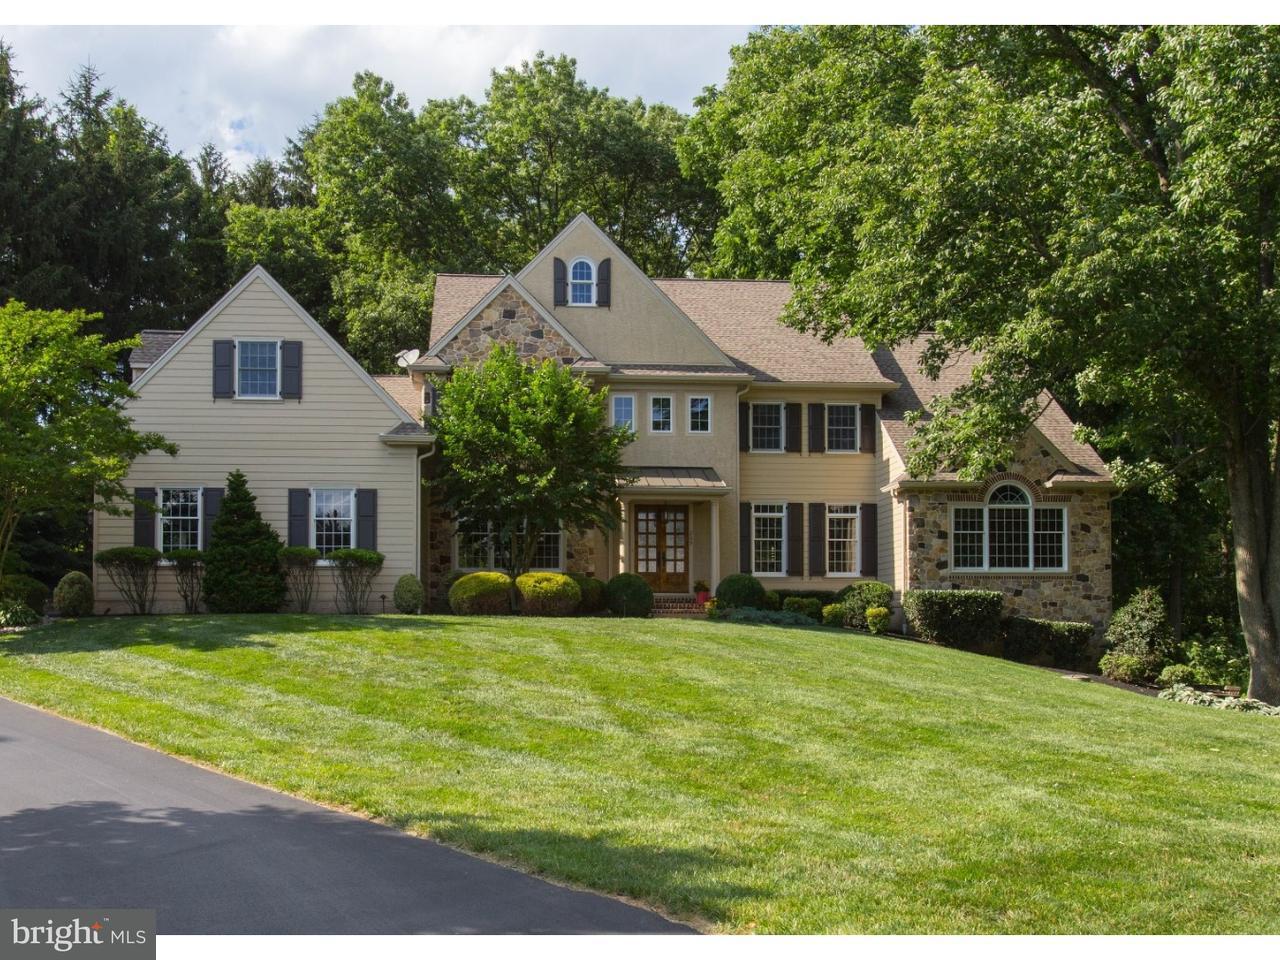 独户住宅 为 销售 在 205 KIMBERWYCK WAY 肯尼特广场, 宾夕法尼亚州 19348 美国